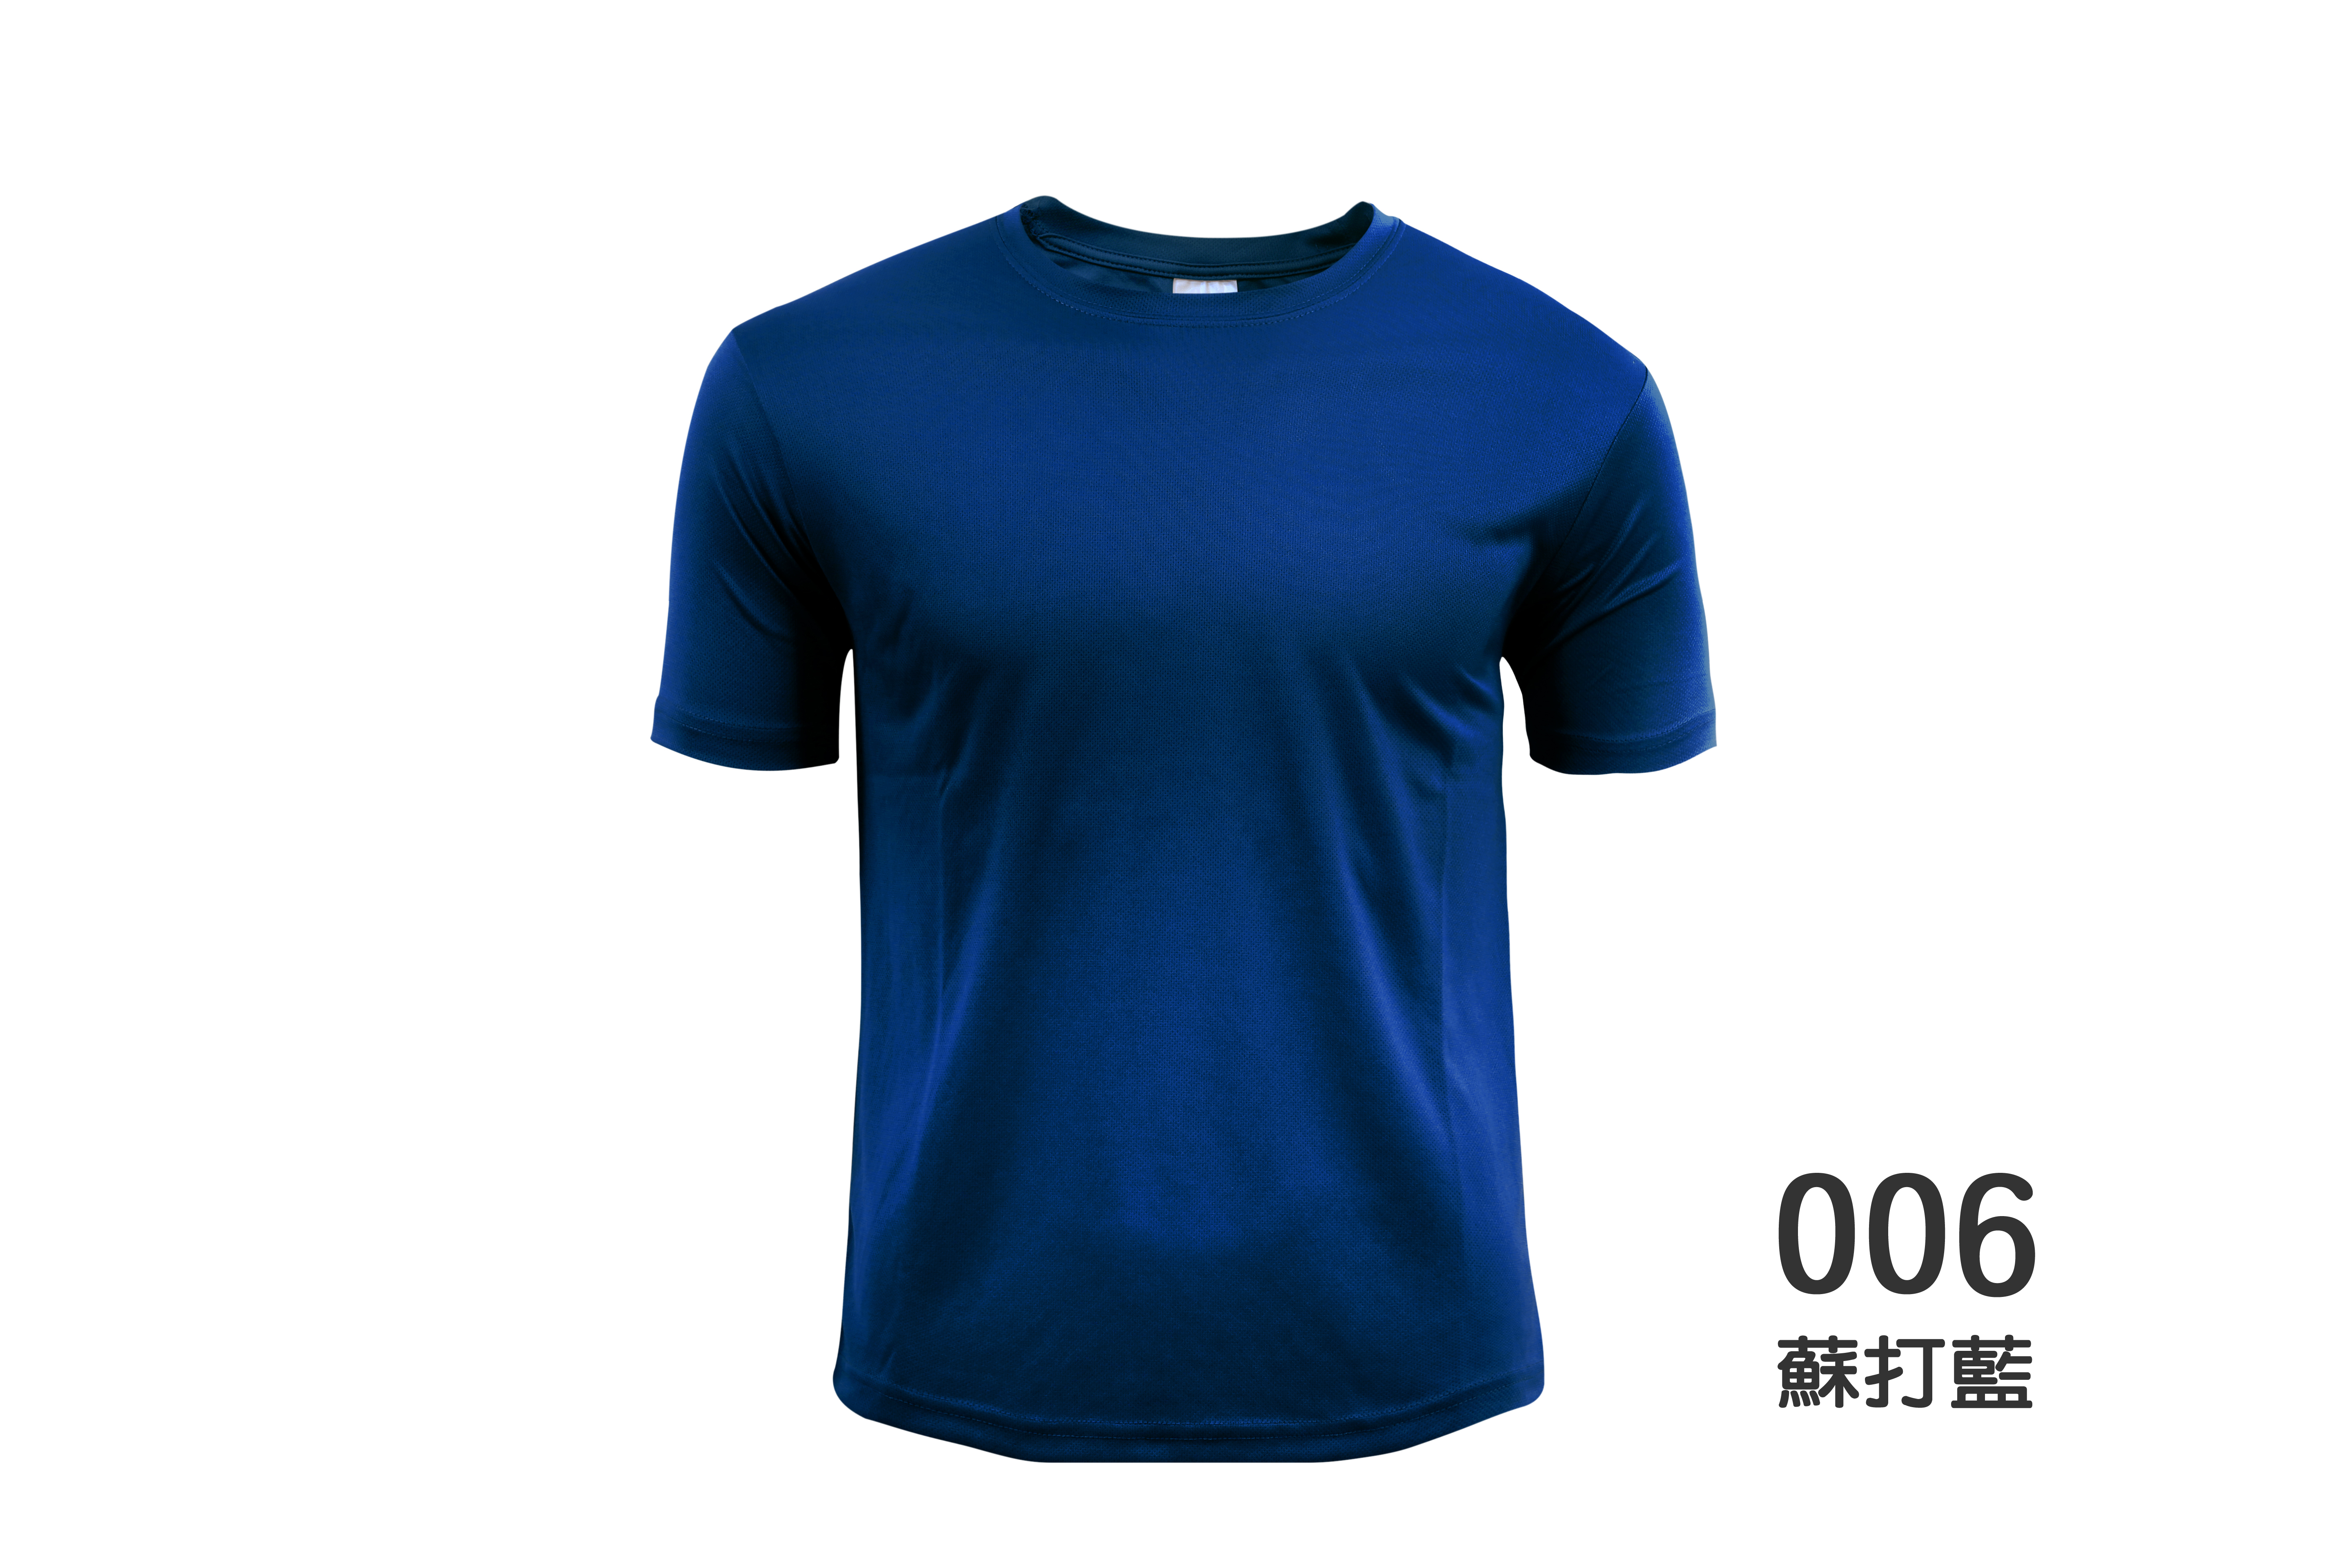 006蘇打藍-1-01